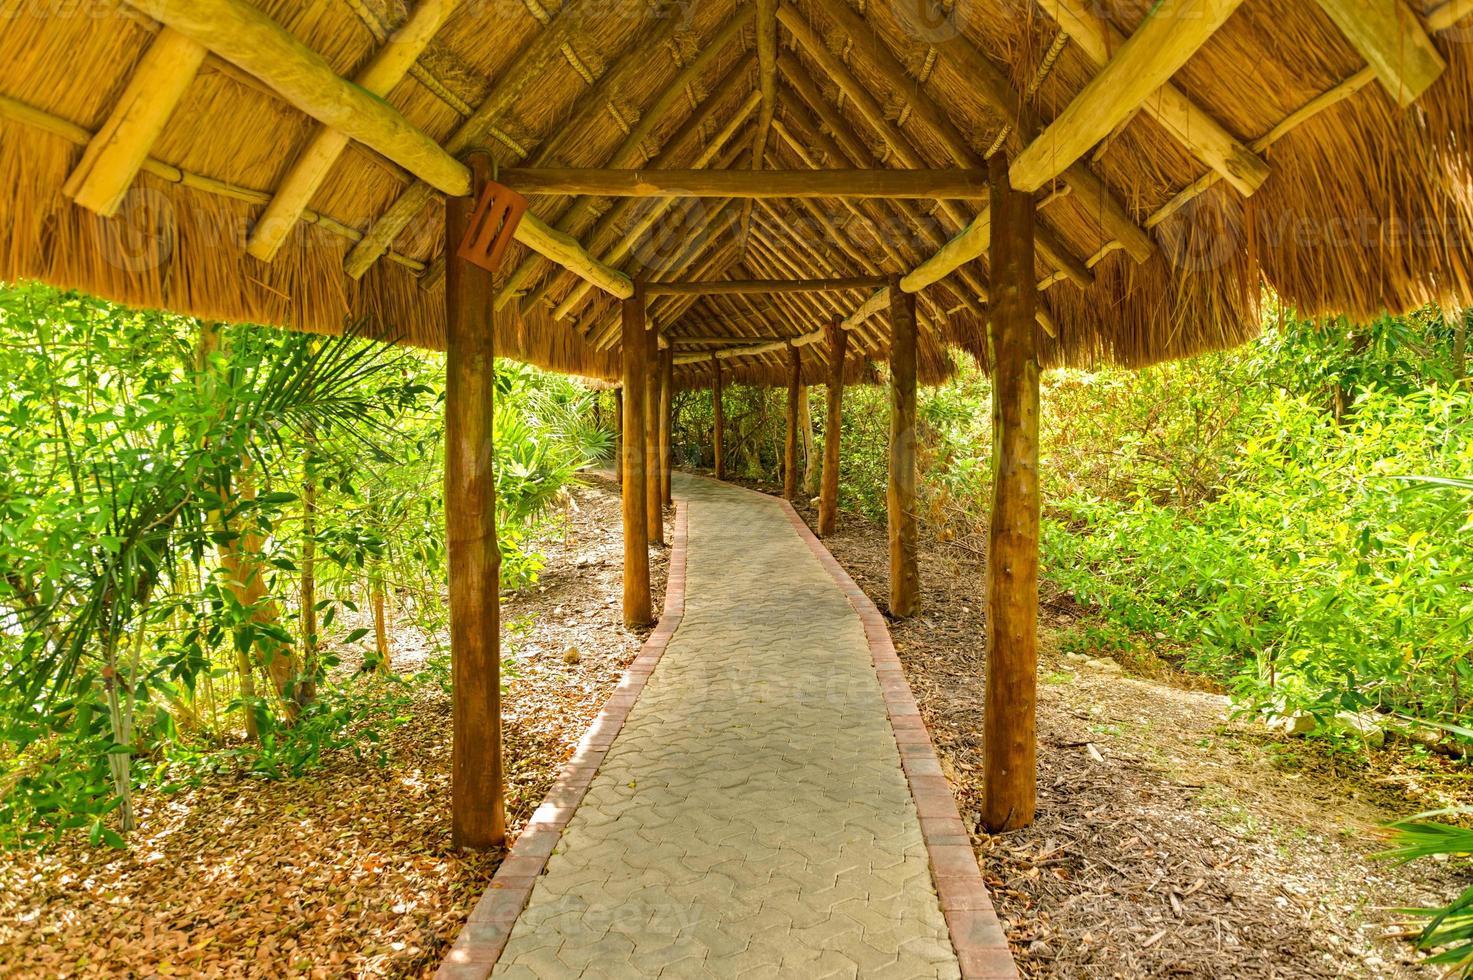 sentiero nella giungla con tettoia di paglia foto